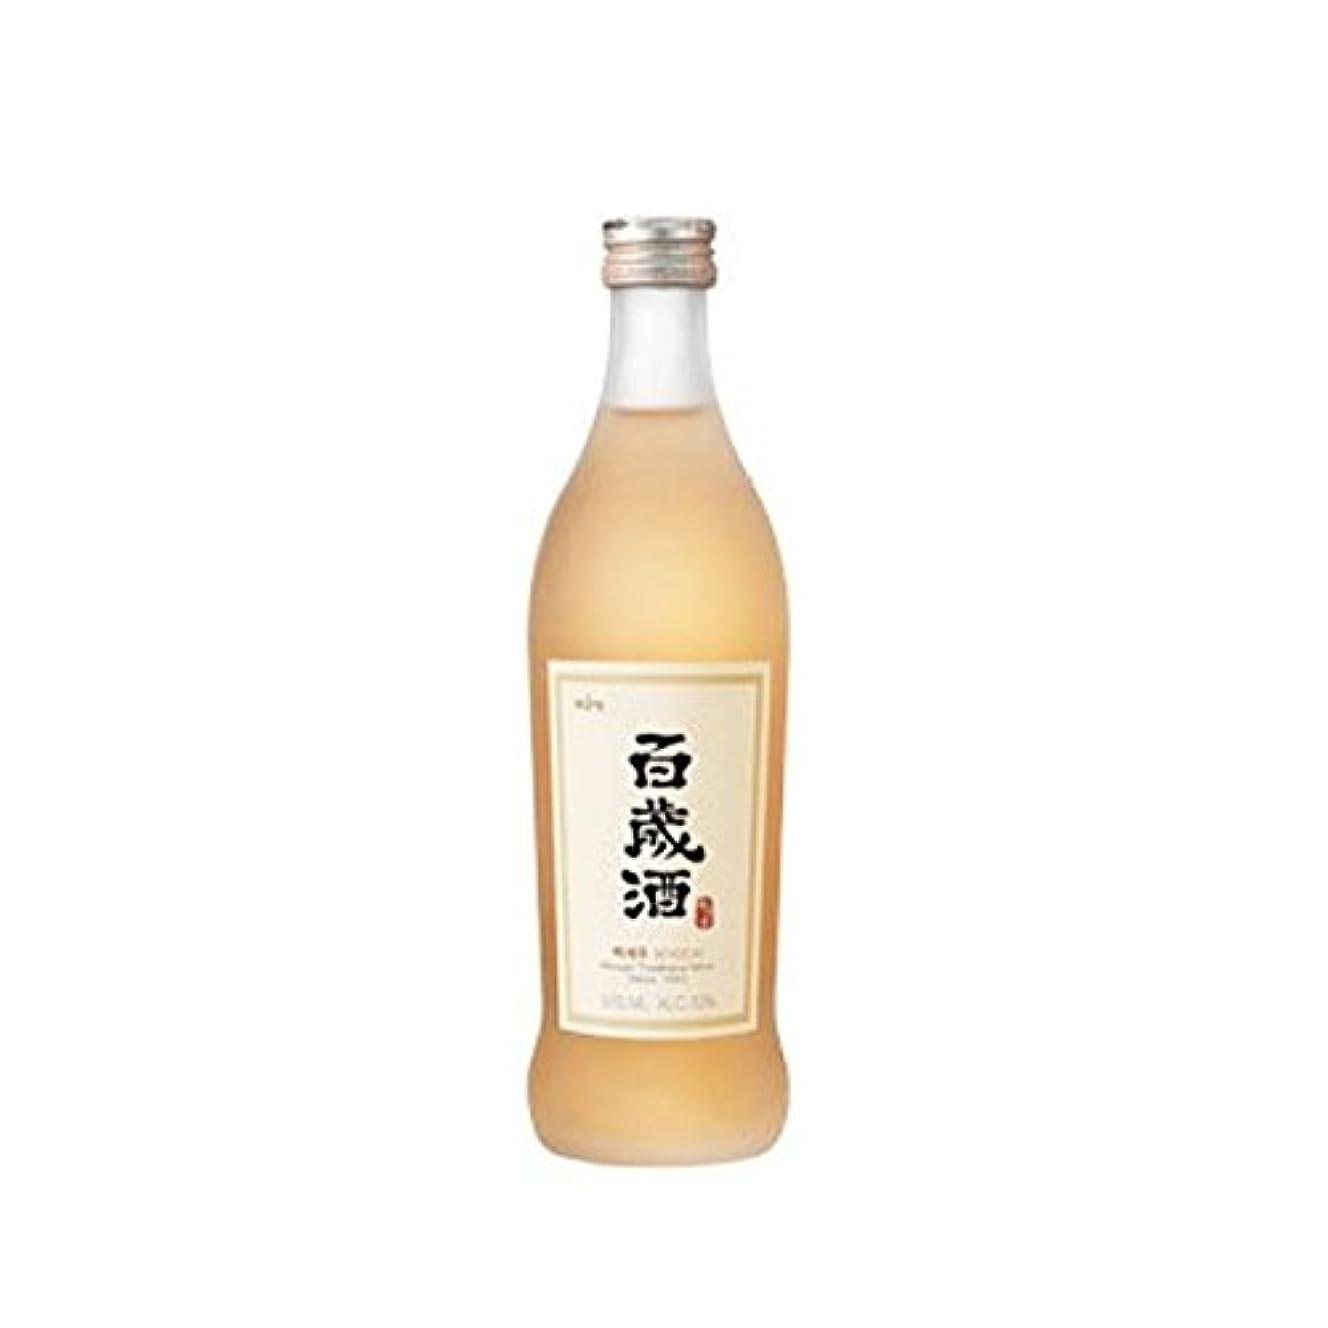 マイル呼び出す白雪姫韓国ハーブ酒?百歳酒 375ml×4本